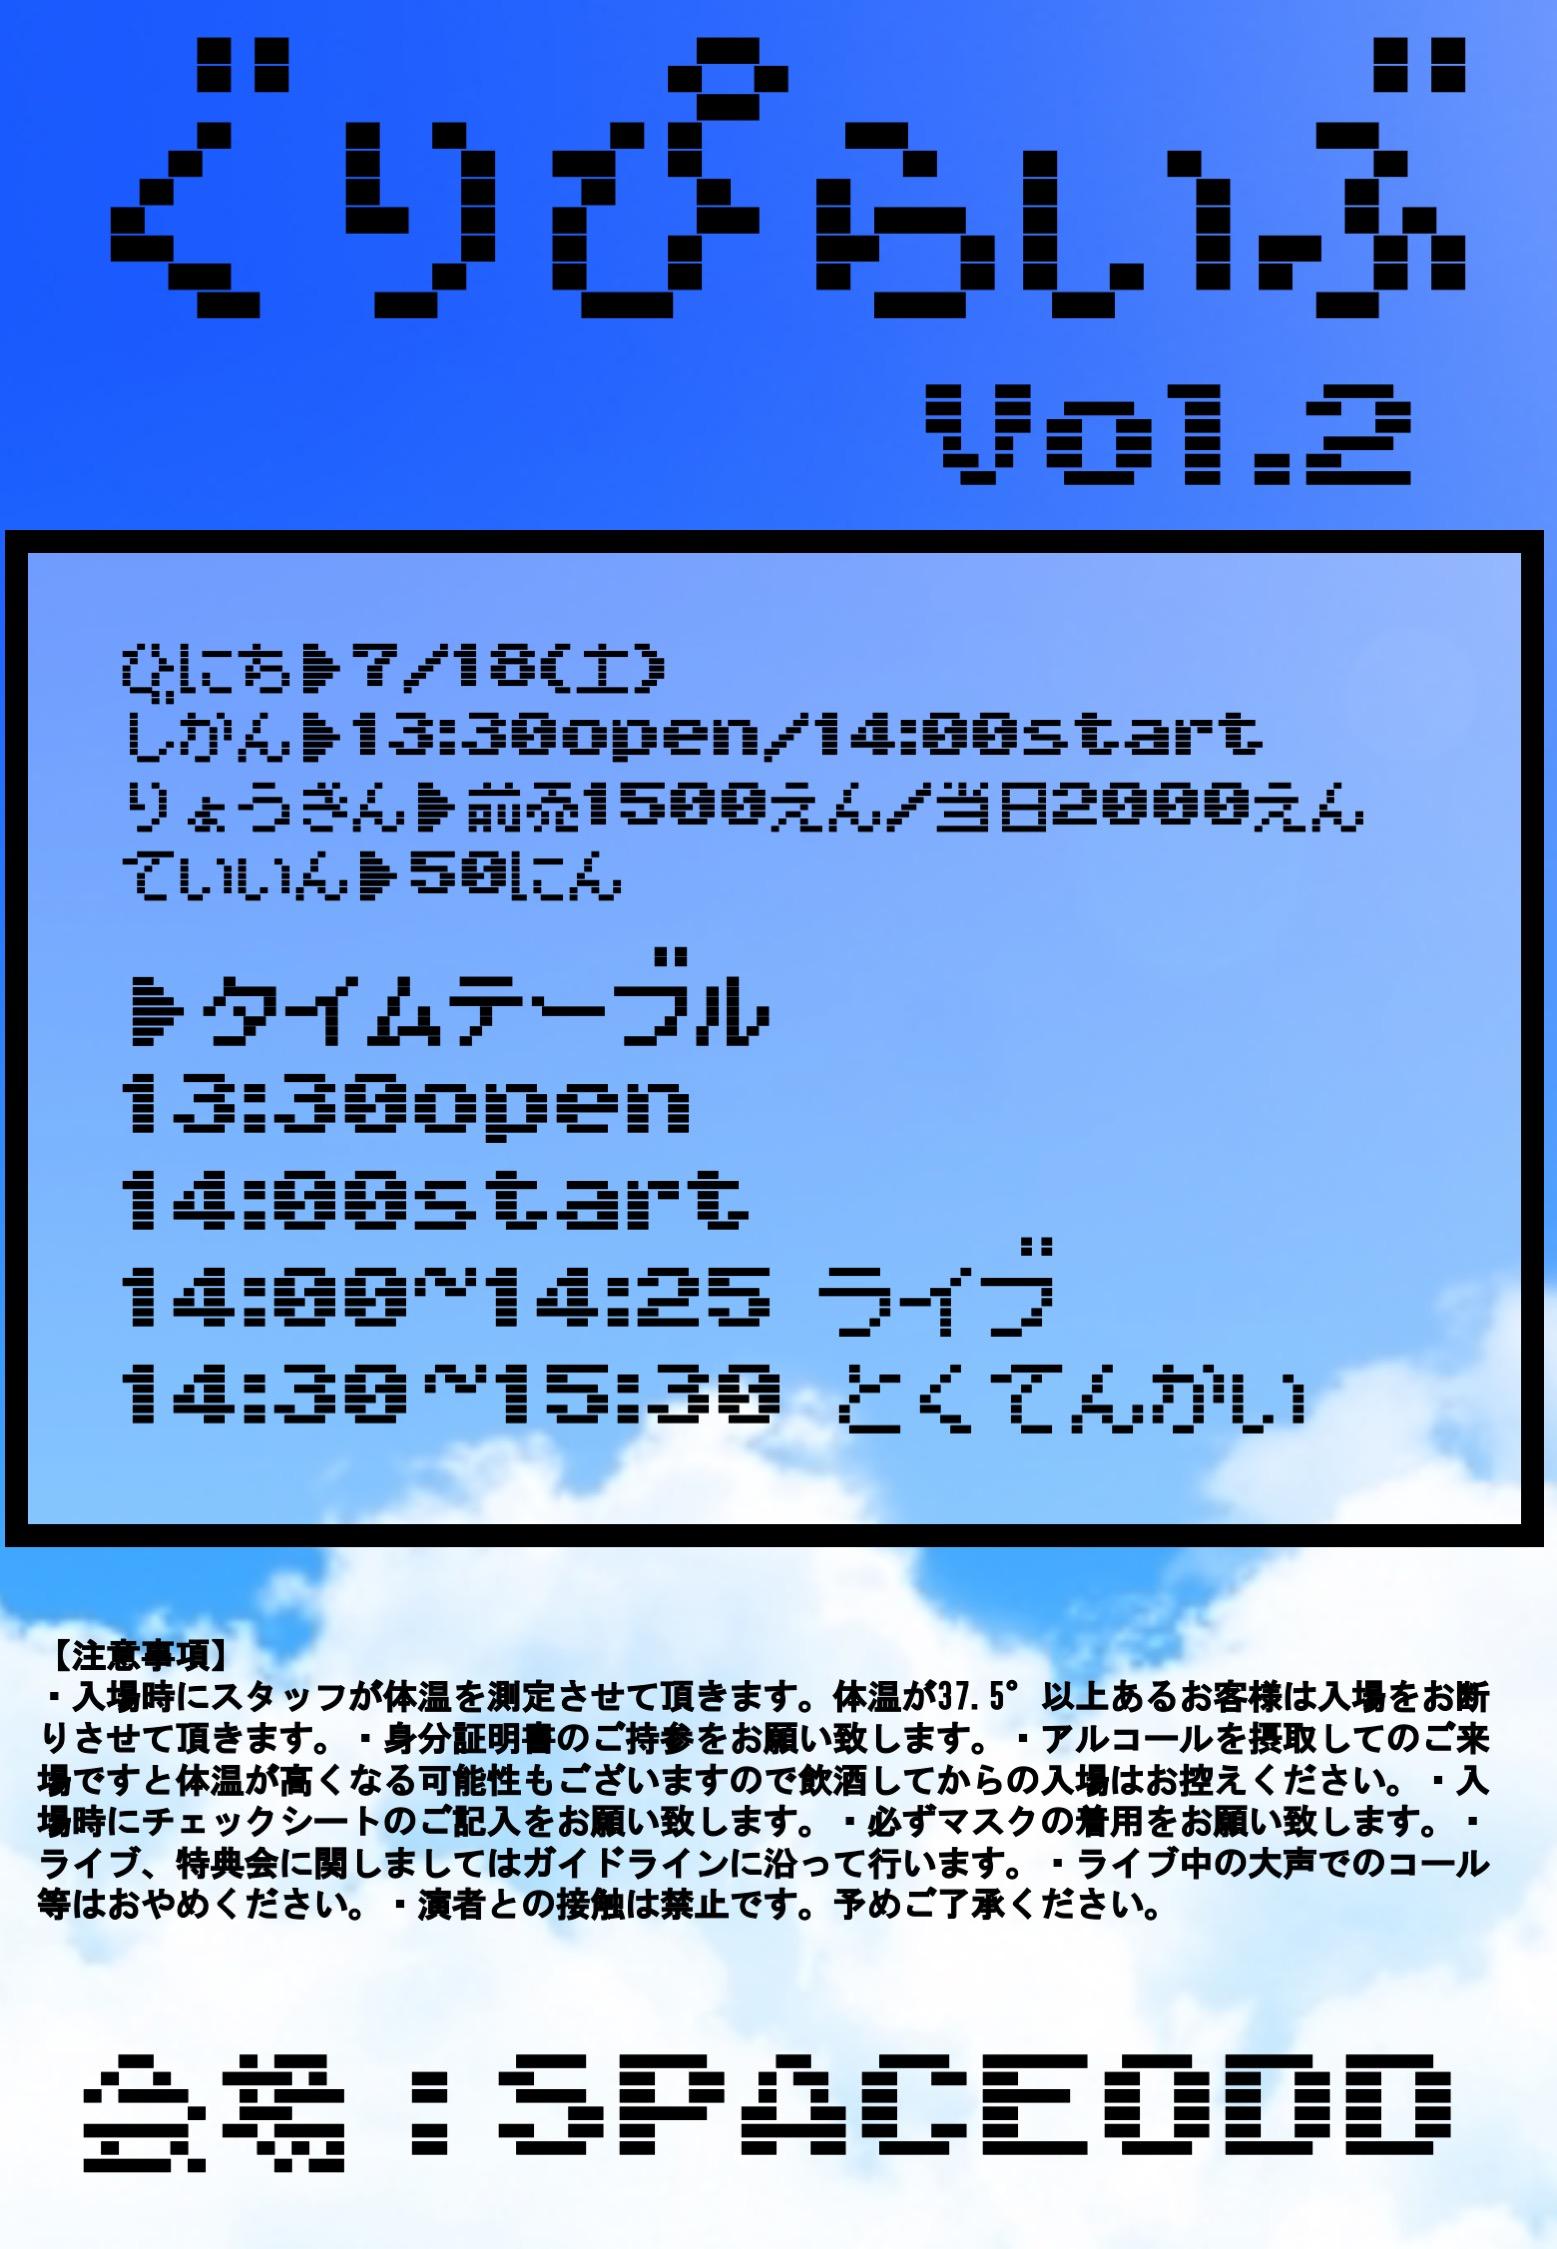 ぐりぴらいぶ Vol.2